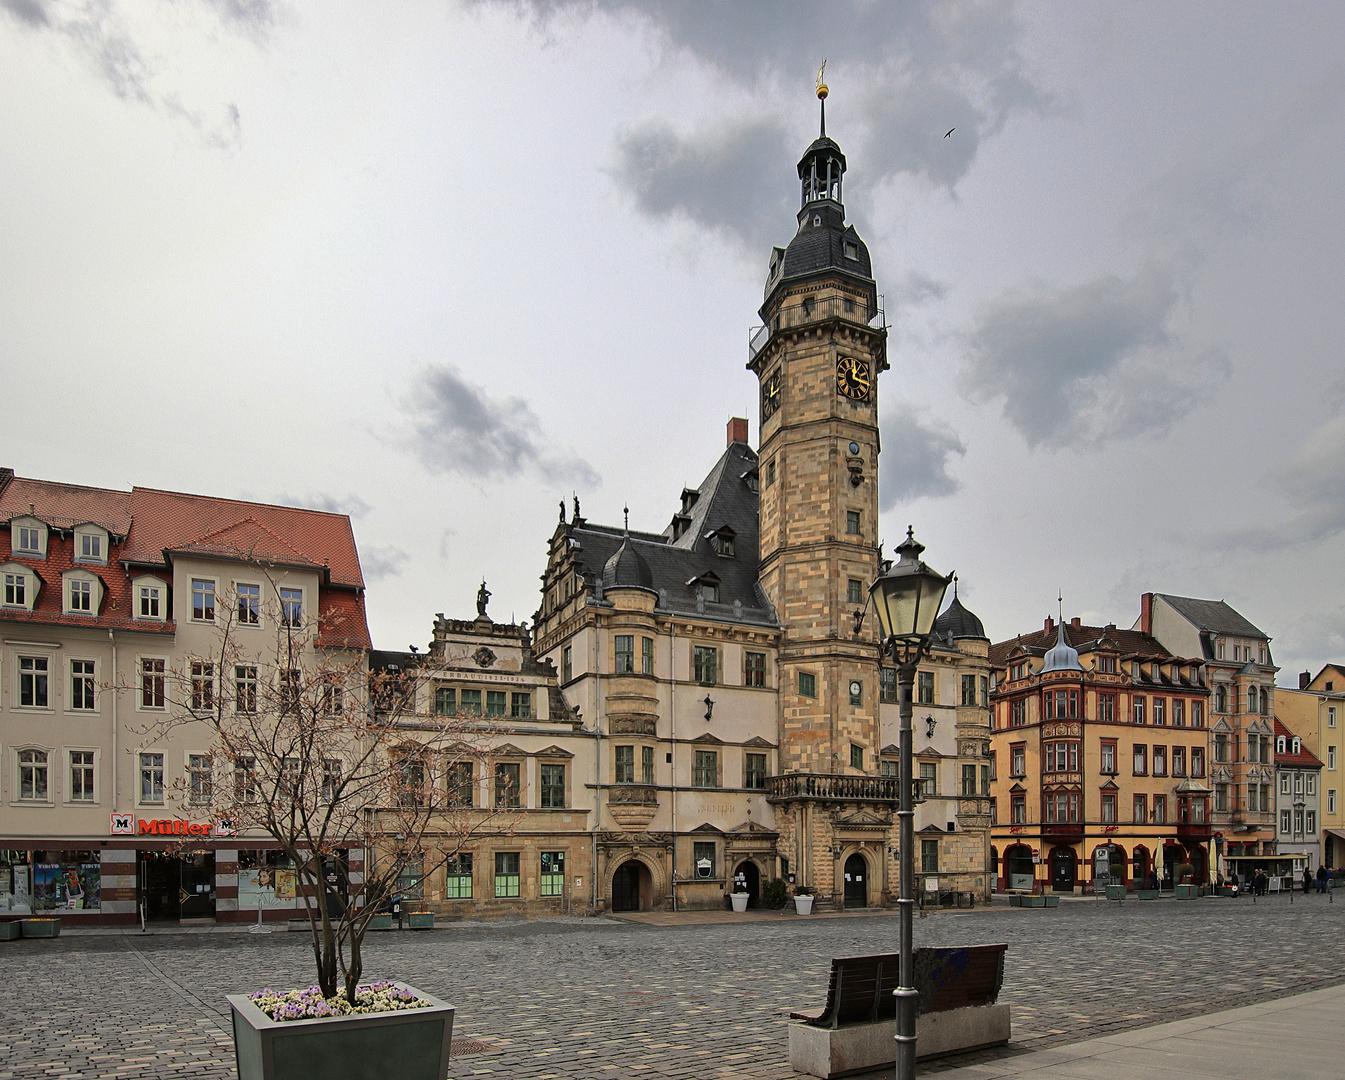 ...Altenburg...